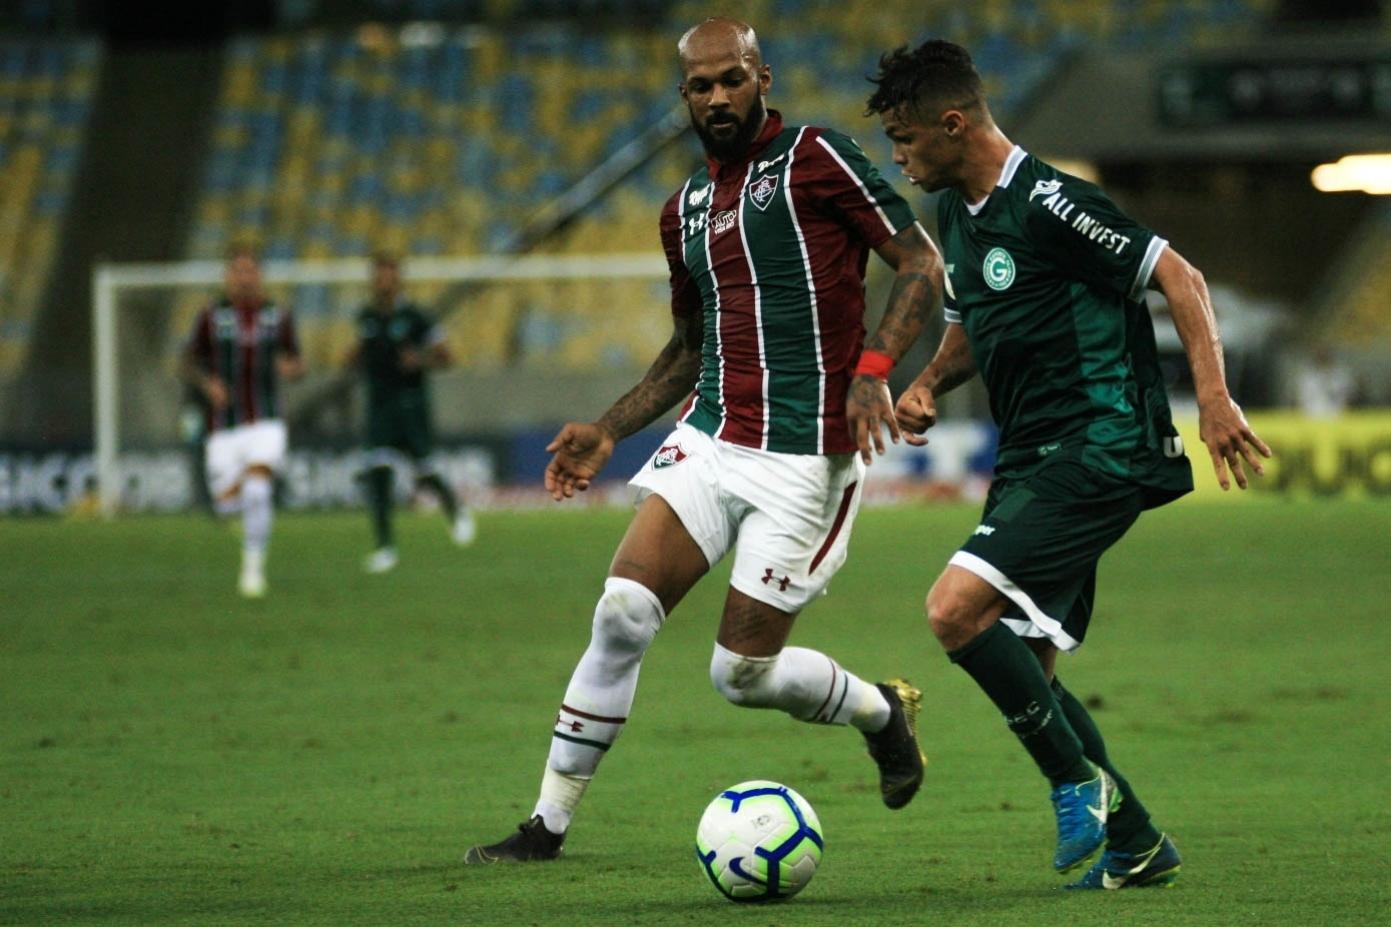 Bruno Silva, do Fluminense, e Michael, do Goiás, durante partida pelo Campeonato Brasileiro A 2019